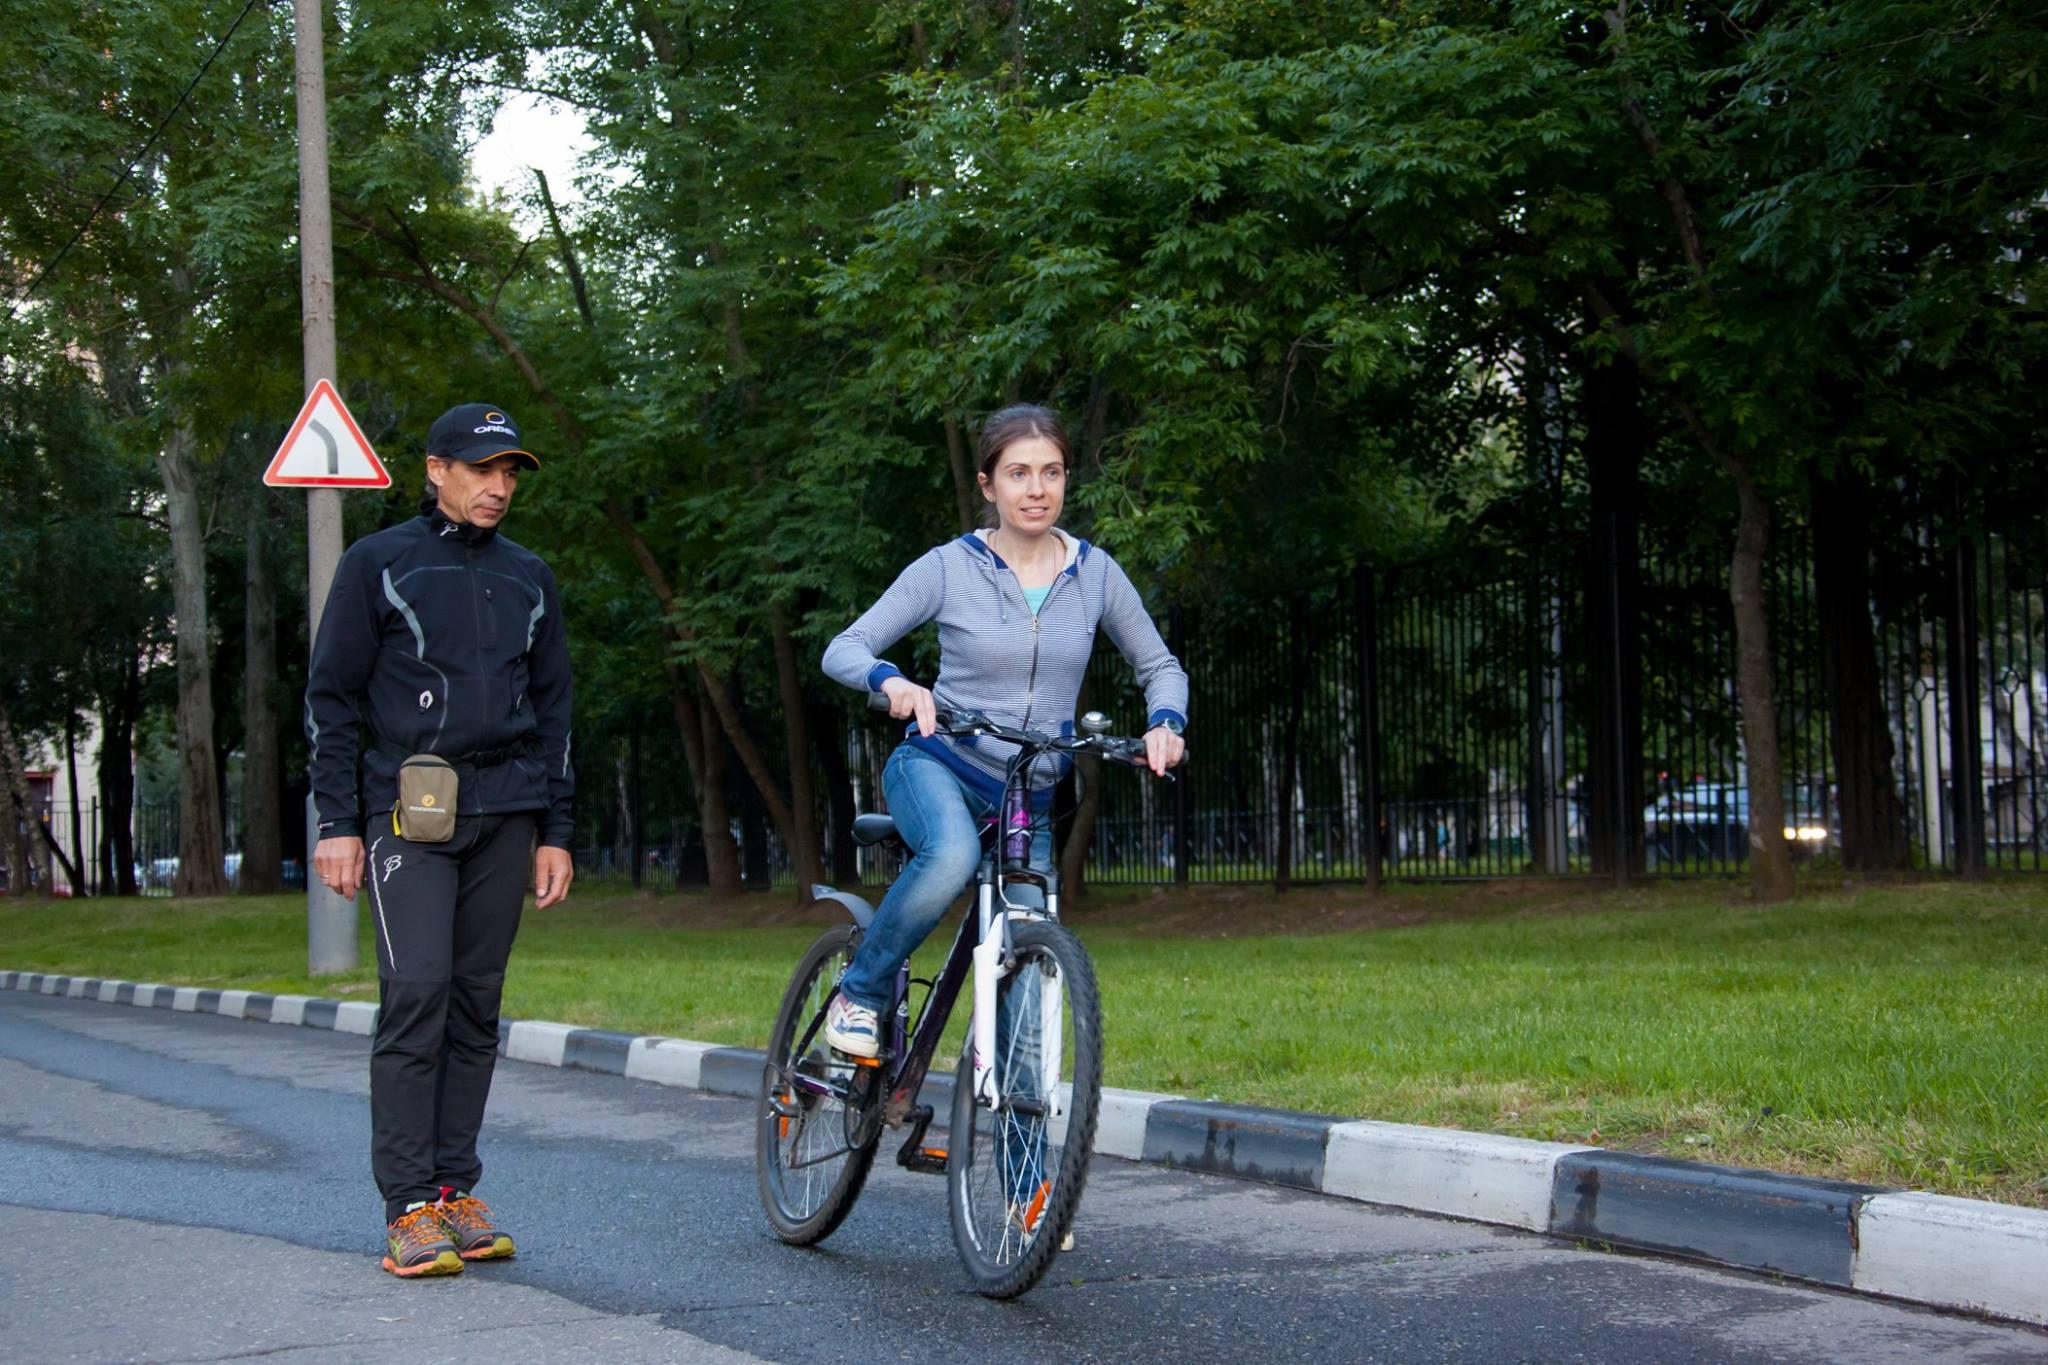 STRELA: обучение катанию на велосипеде для взрослых